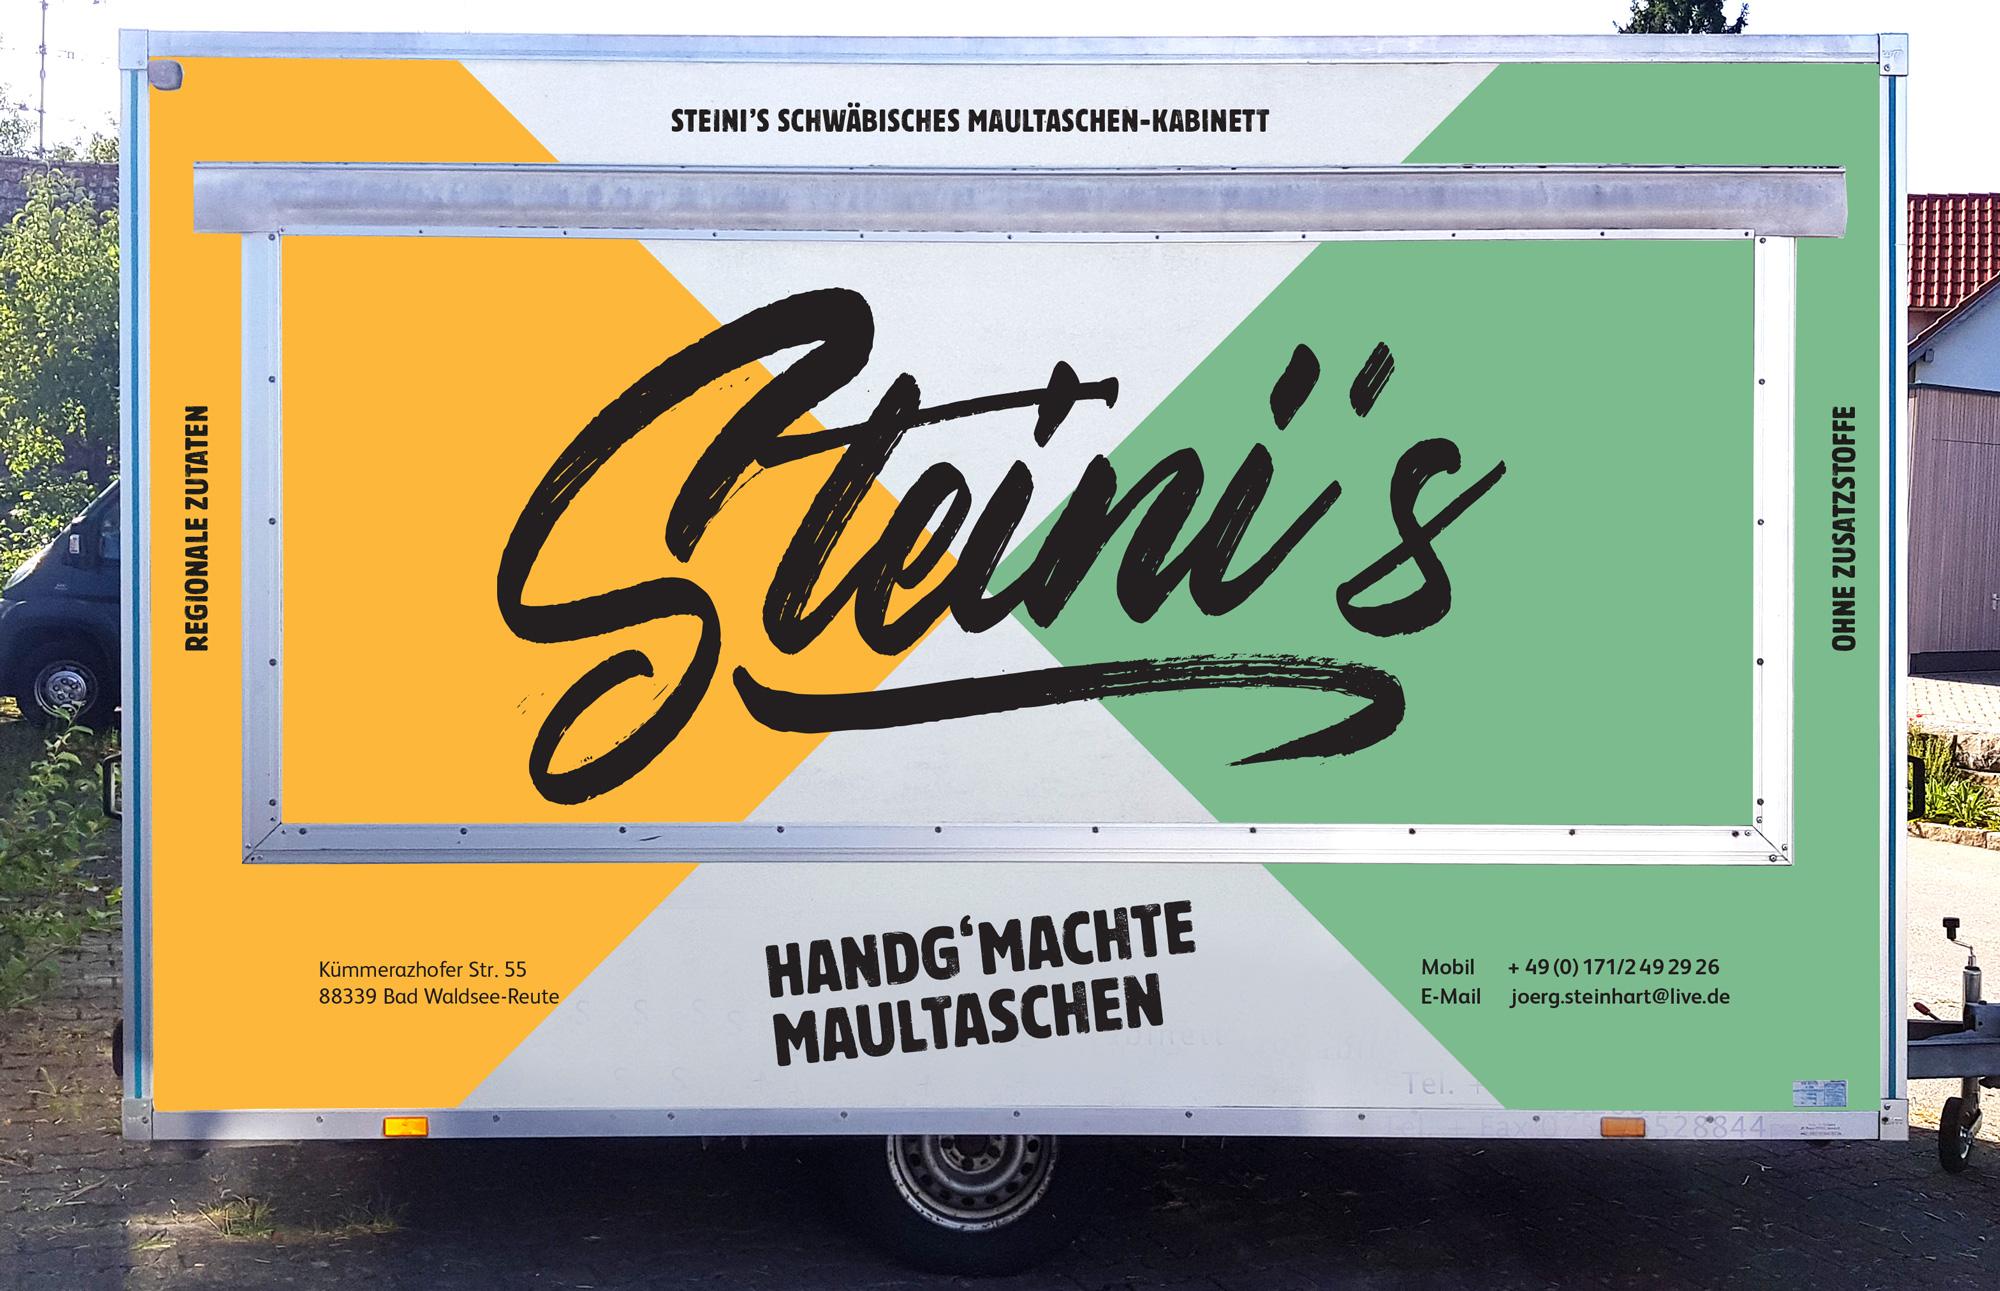 HINTERLAND Steini Maultaschen Imbisswagen